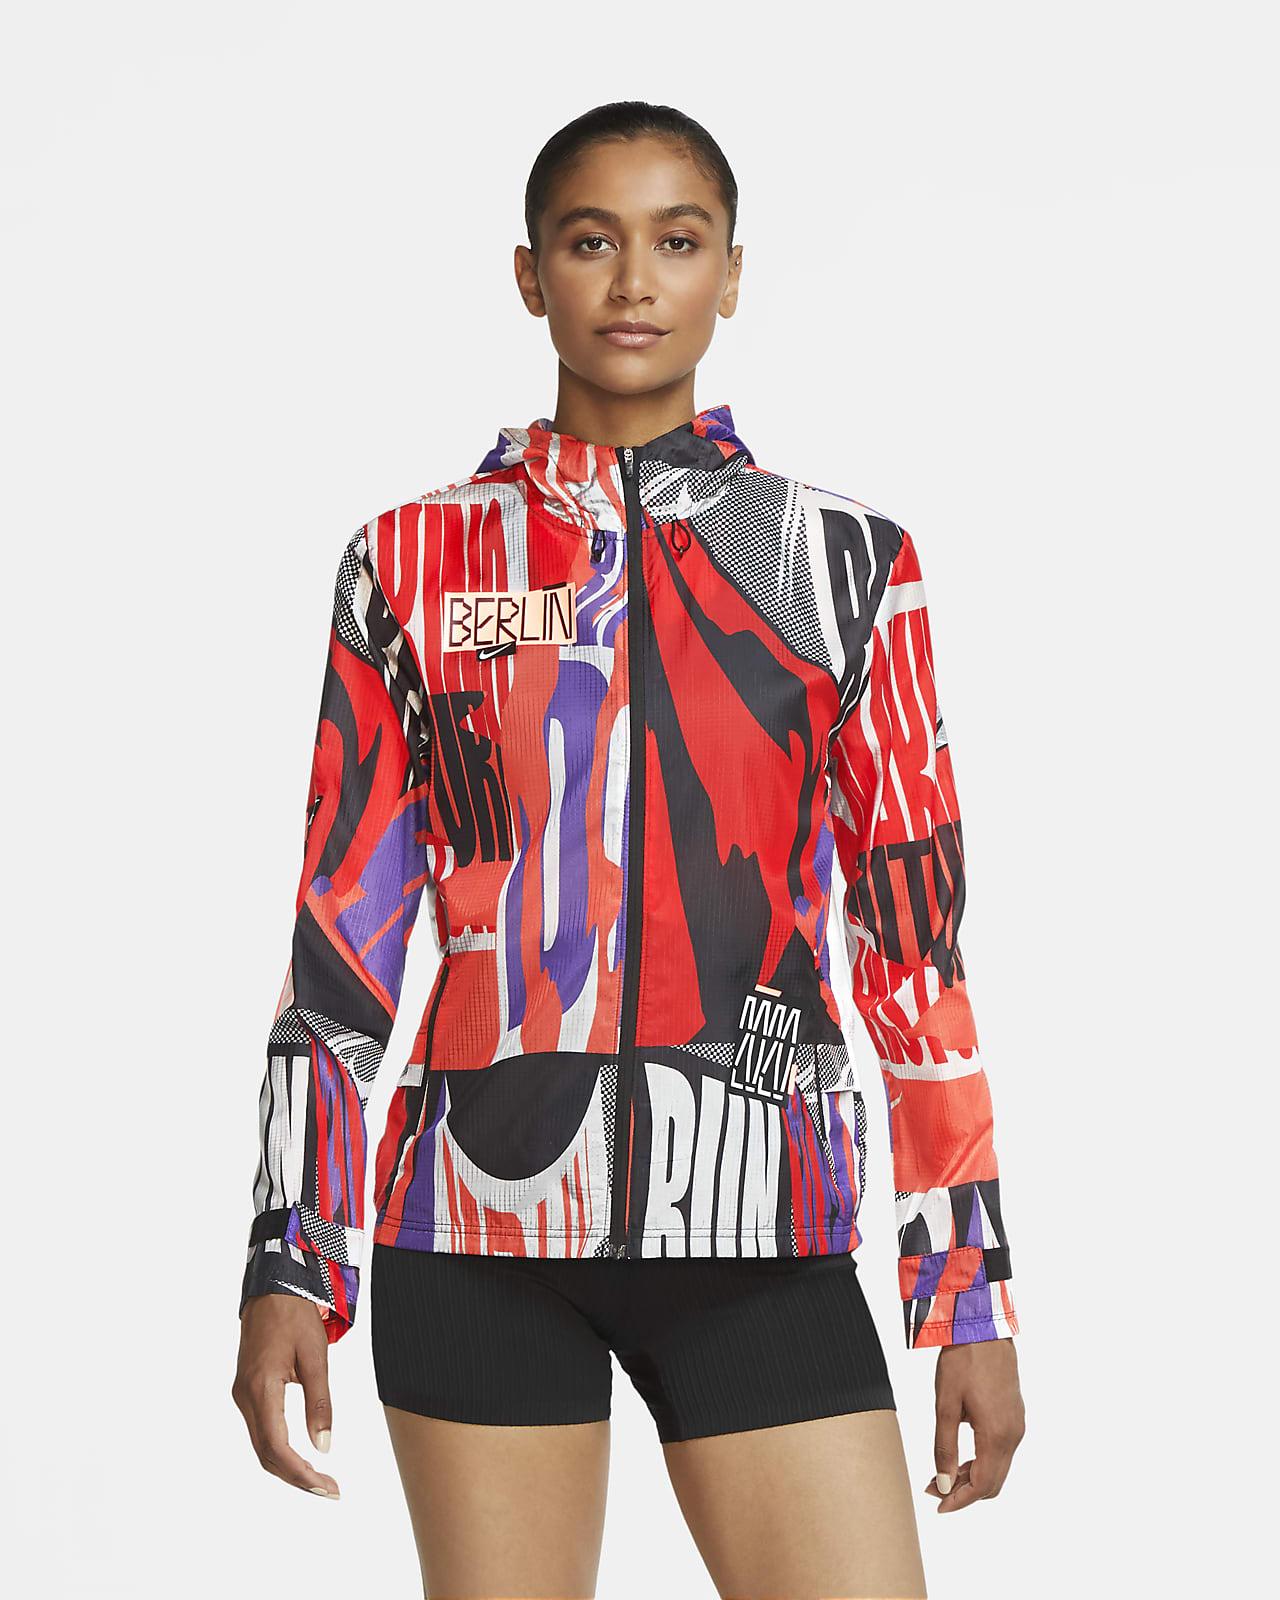 Giacca da running Nike Essential Berlin - Donna